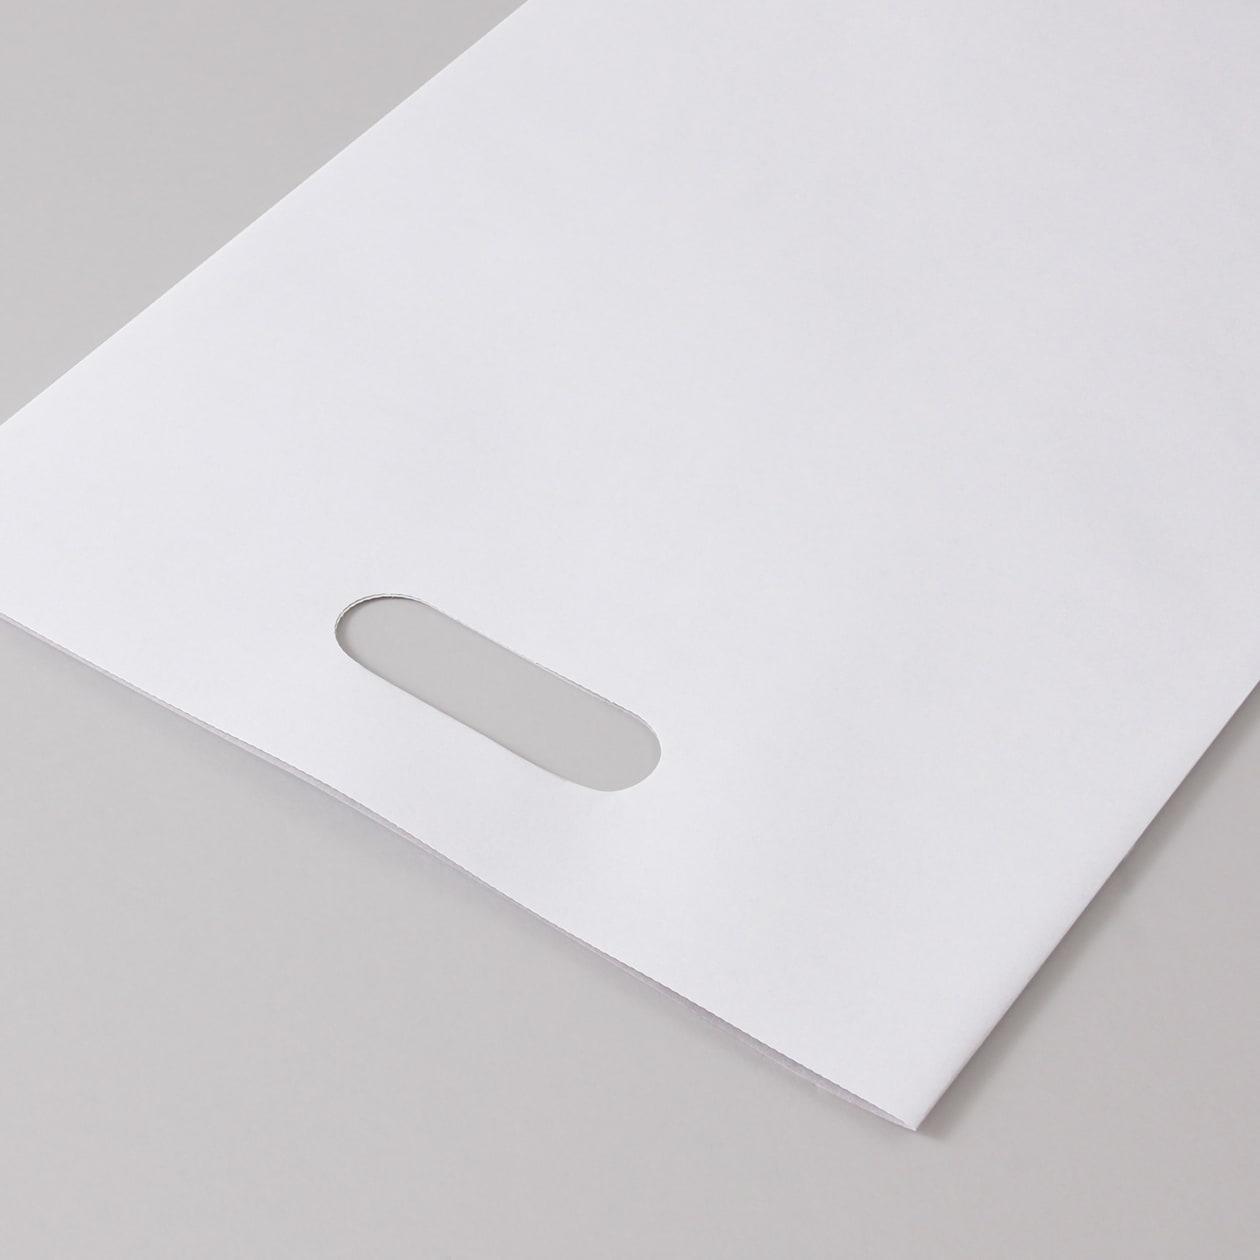 平袋A4用持ち手付 撥水ラップ99 ホワイト 100g